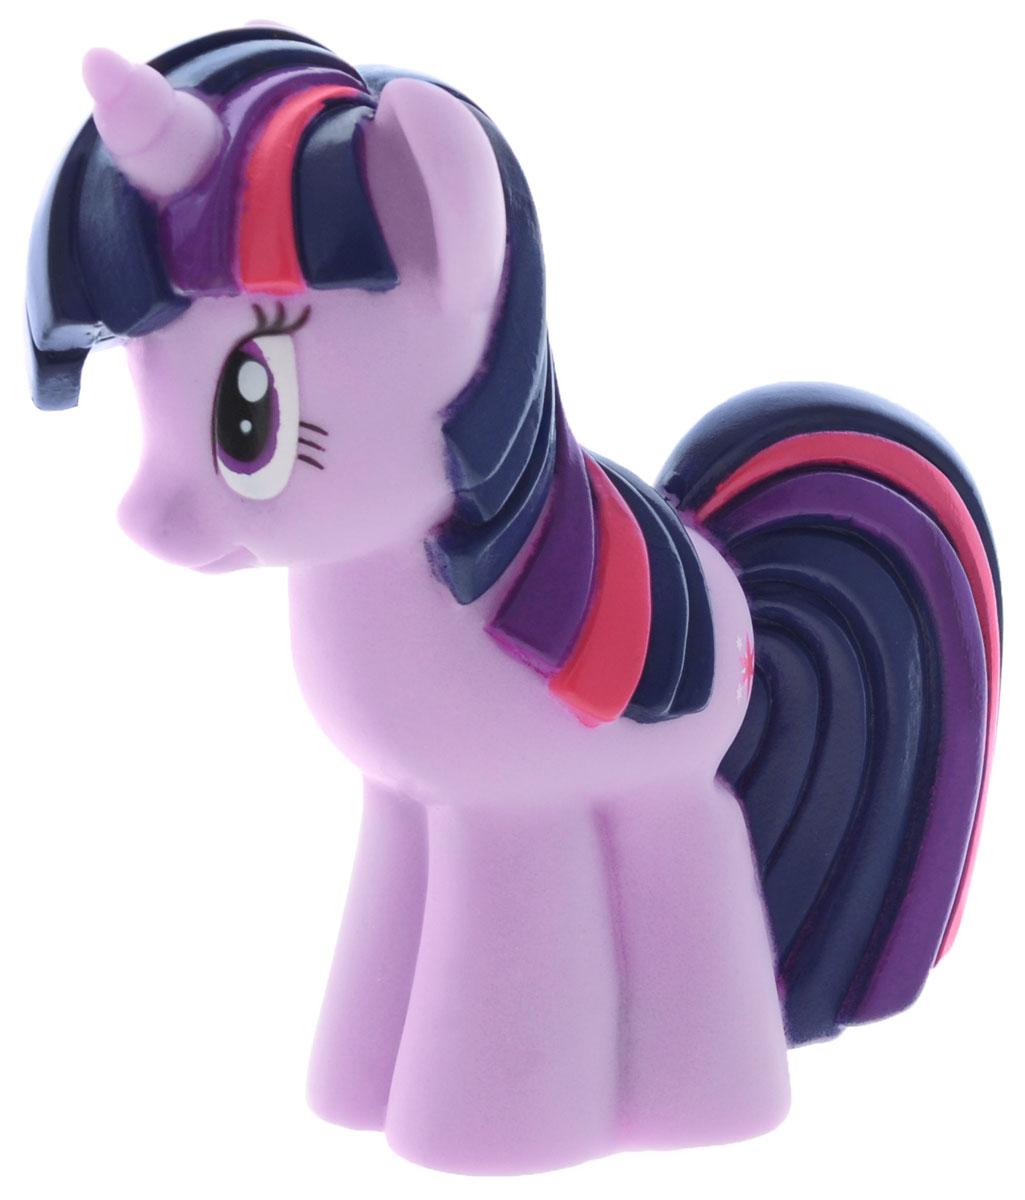 My Little Pony Игрушка для ванны Пони Сумеречная ИскоркаGT8614Игрушка для ванны My Little Pony Пони Сумеречная Искорка способна занять малыша на все время купания. Она изготовлена из высококачественных материалов. Игрушка выполнена в виде яркой пони Twilight Sparkle. Данная игрушка несомненно принесет вашему малышу море позитива, а обычное купание превратит в веселую игру. Игрушка водонепроницаема, поэтому, как только пони попадет в воду, она начнет светиться, а также ребенок услышит песенку и фразы голосом персонажа. С такой игрушкой ребенок может развивать мелкую моторику рук, концентрацию внимания и даже воображение.